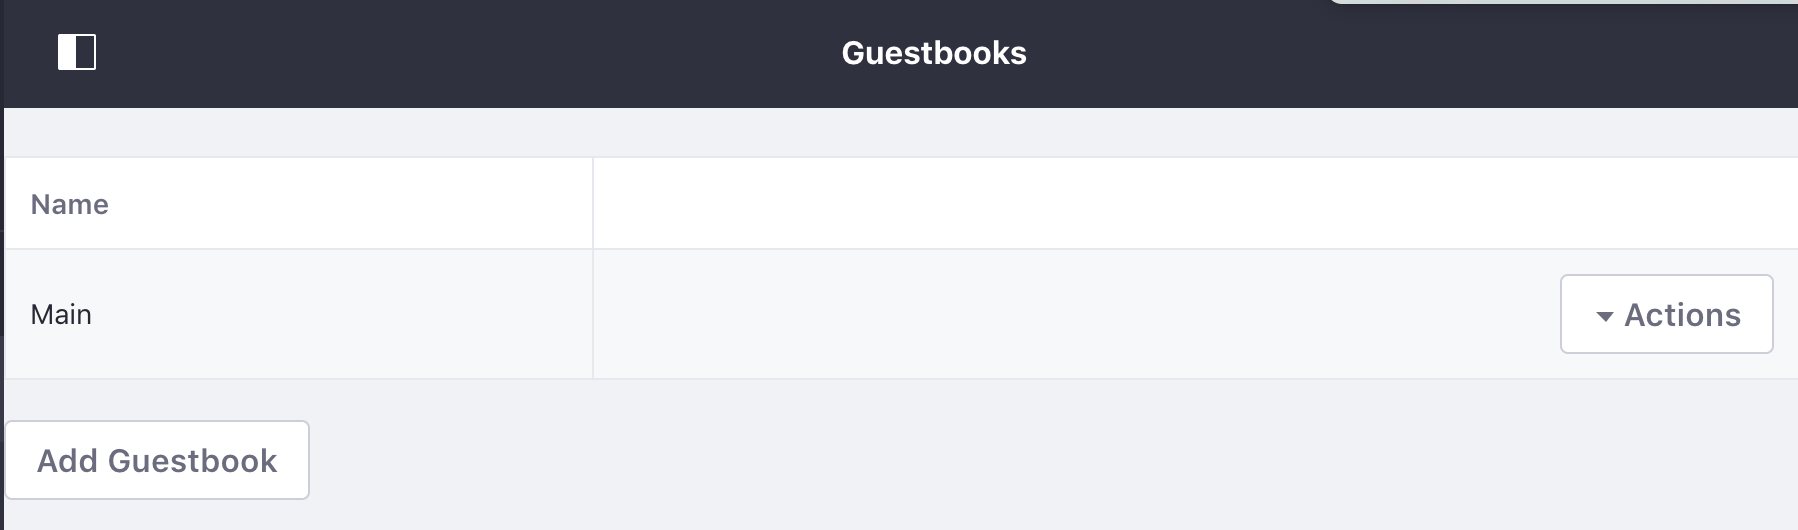 図1:ゲストブック管理ポートレットを使用すると、管理者はゲストブックを追加または編集したり、アクセス許可を構成したり、ゲストブックを削除したりできます。